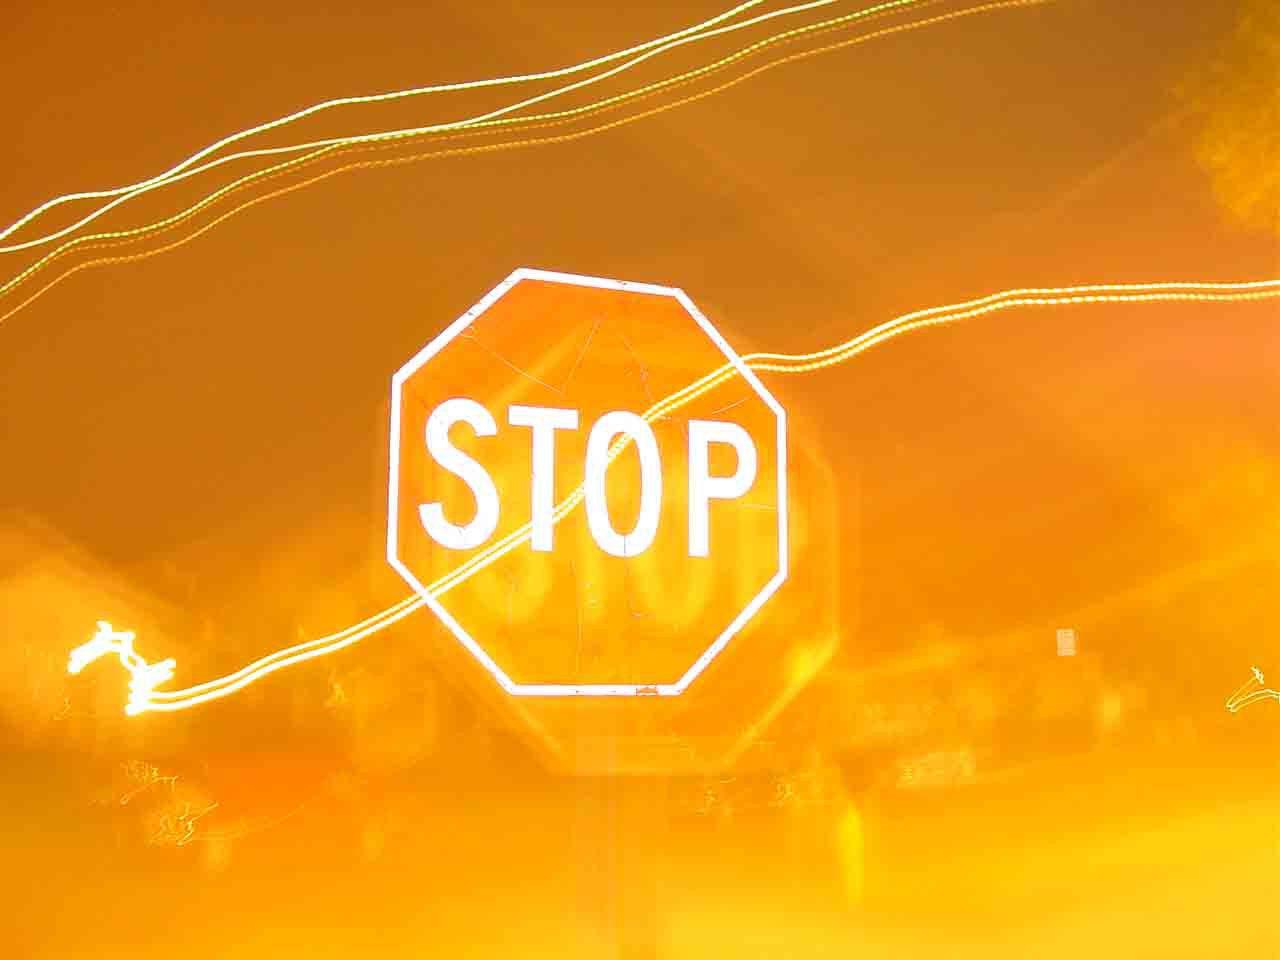 Stop again